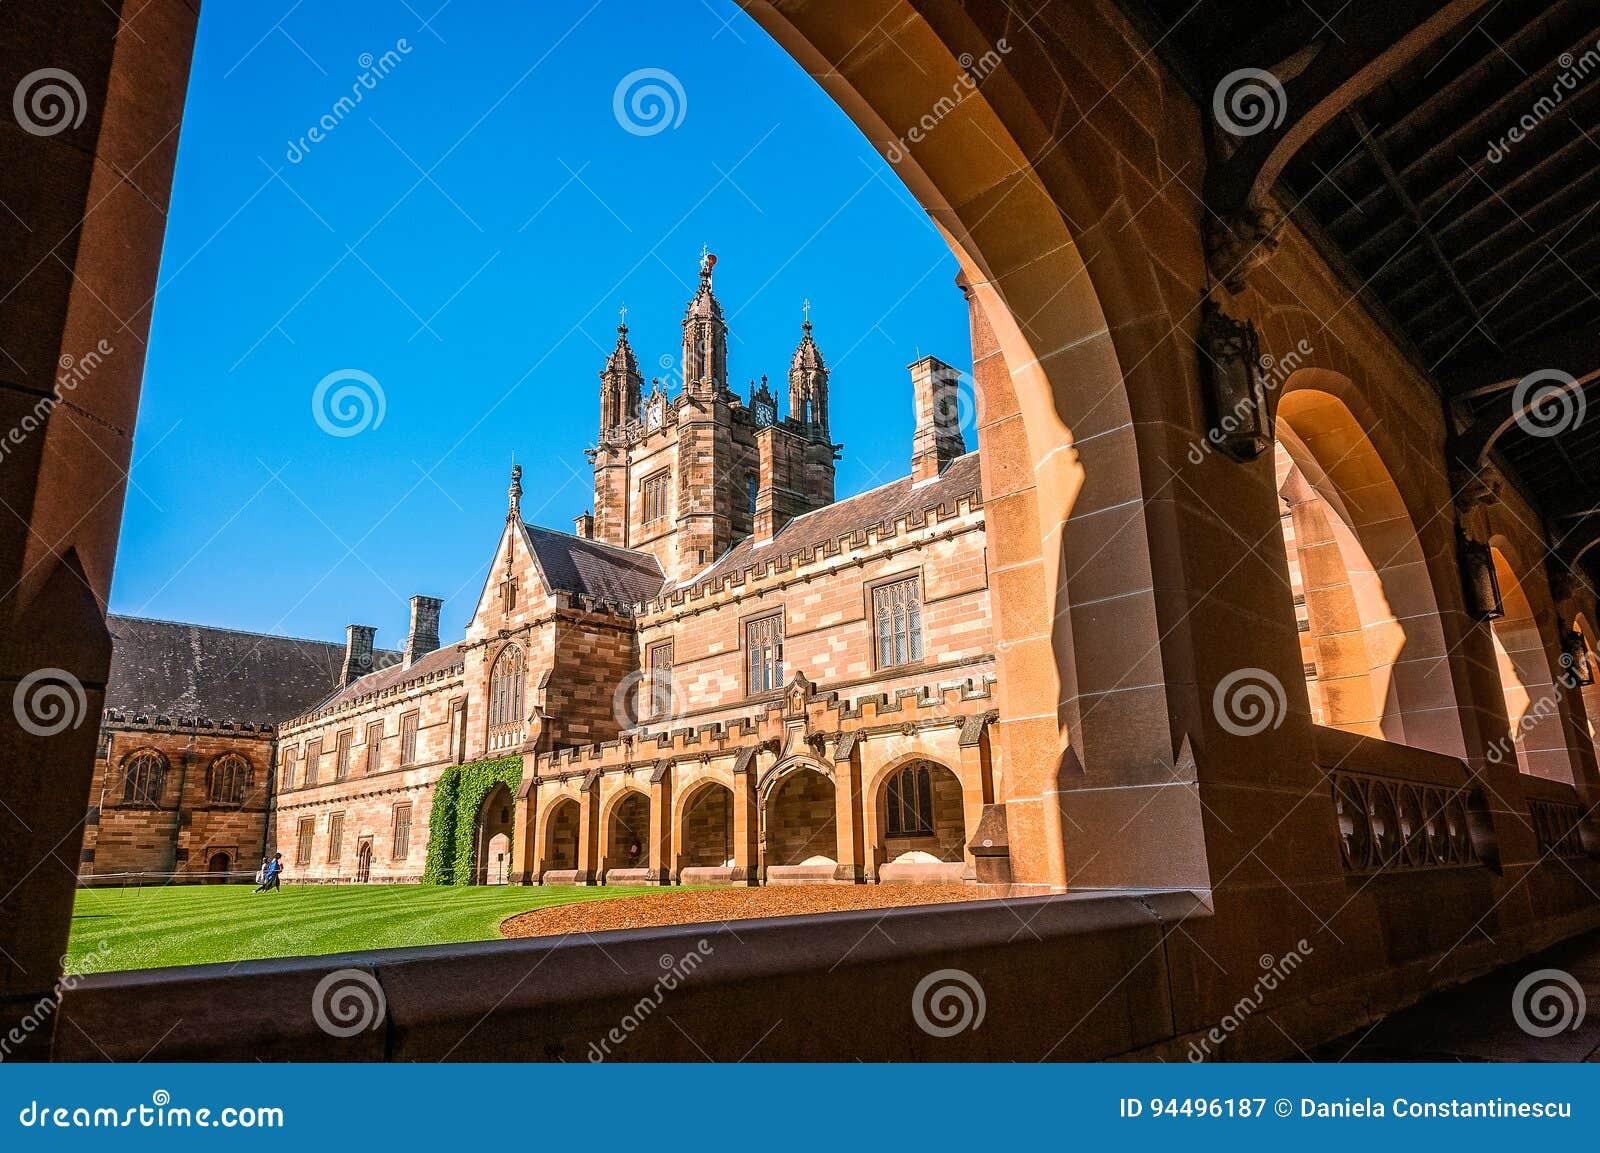 Viereck - Hof von historischen hauptsächlichgebäuden bei Sydney University